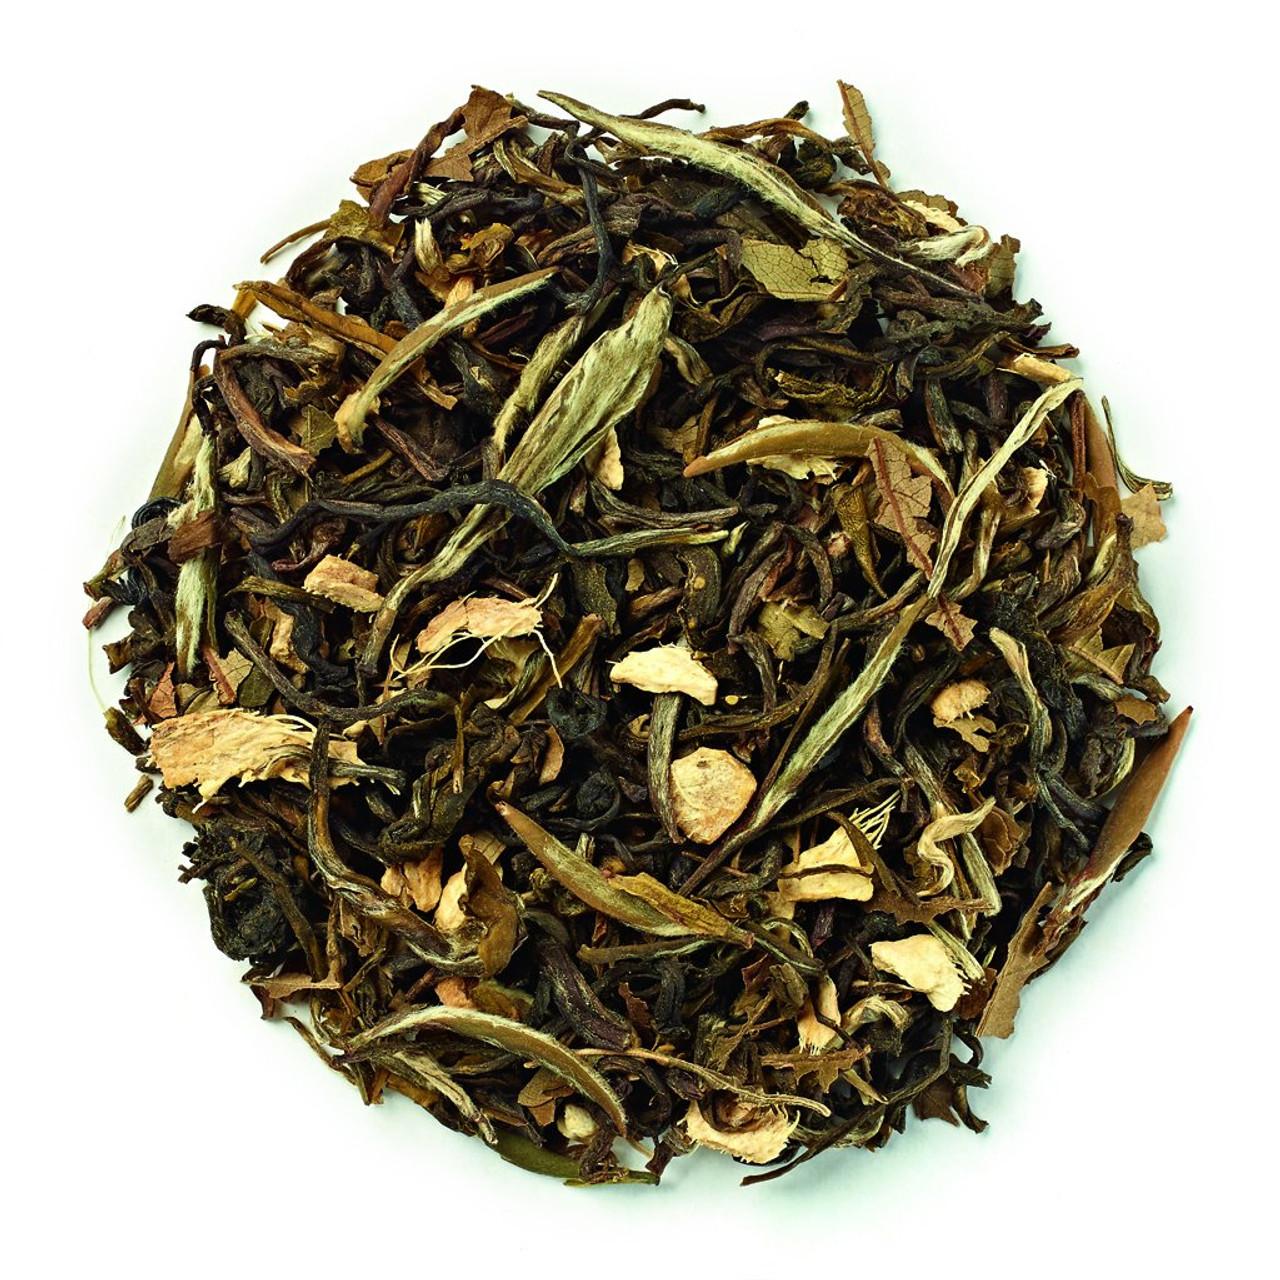 Novus Tea White Pear & Ginger